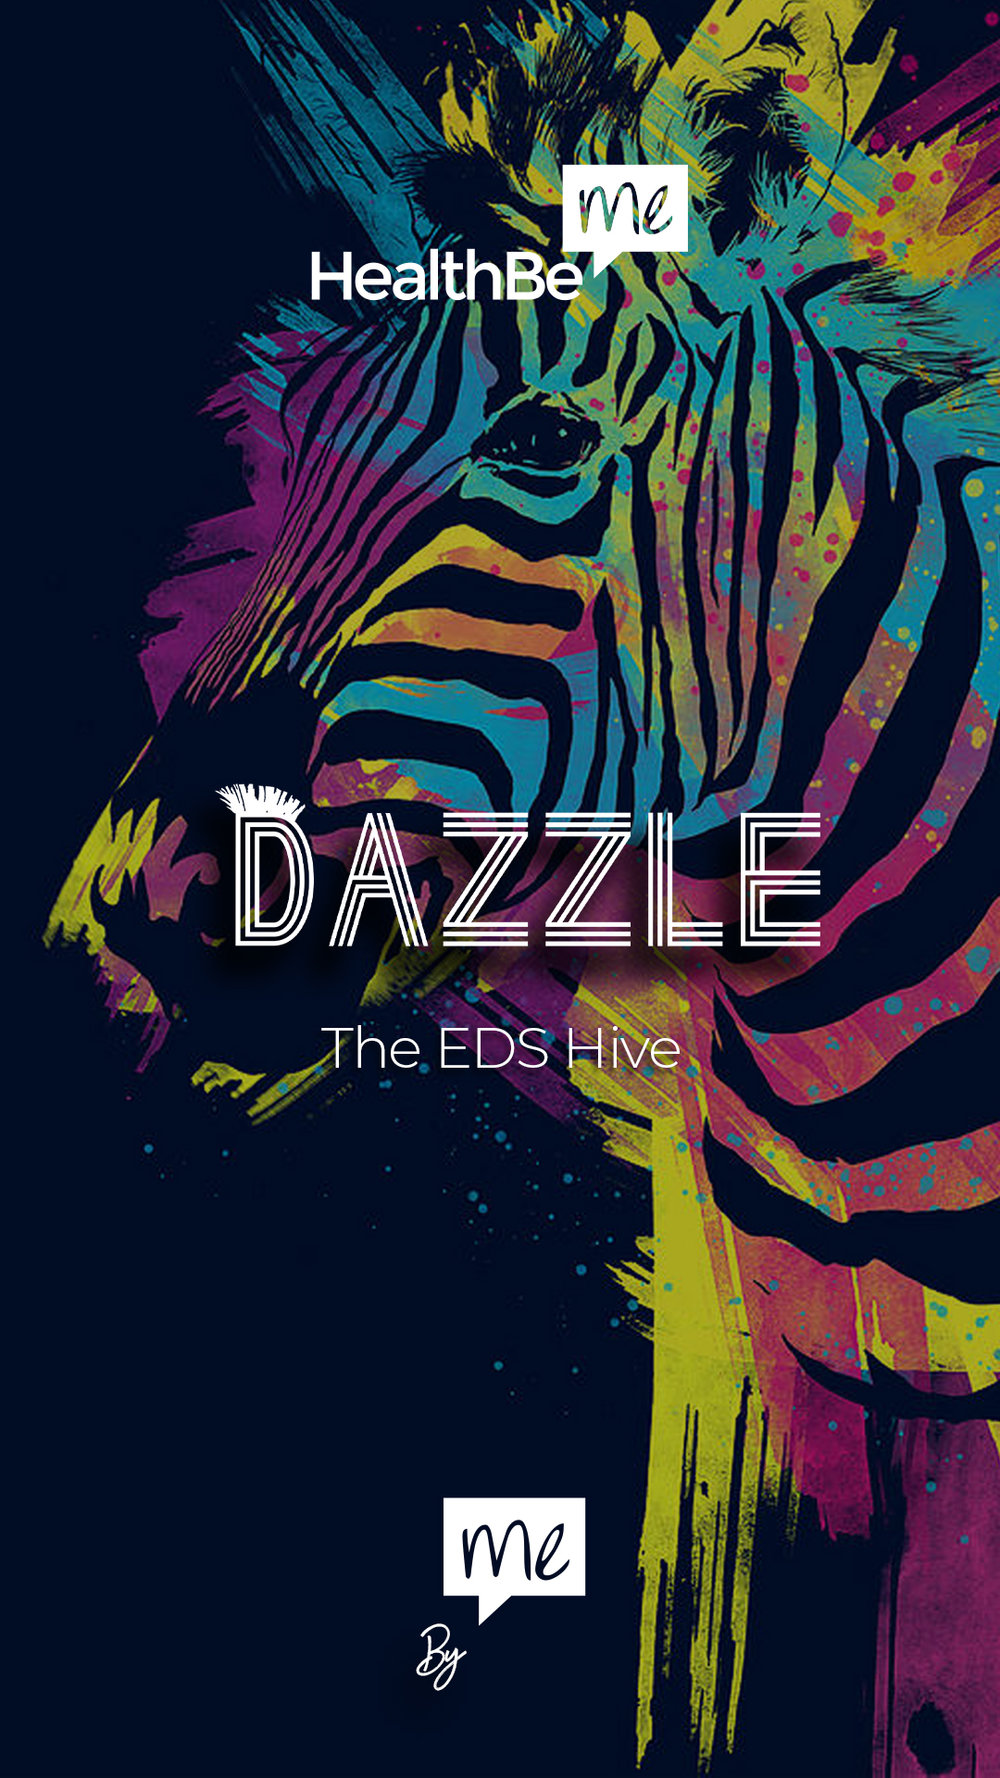 dazzle_resource.jpg